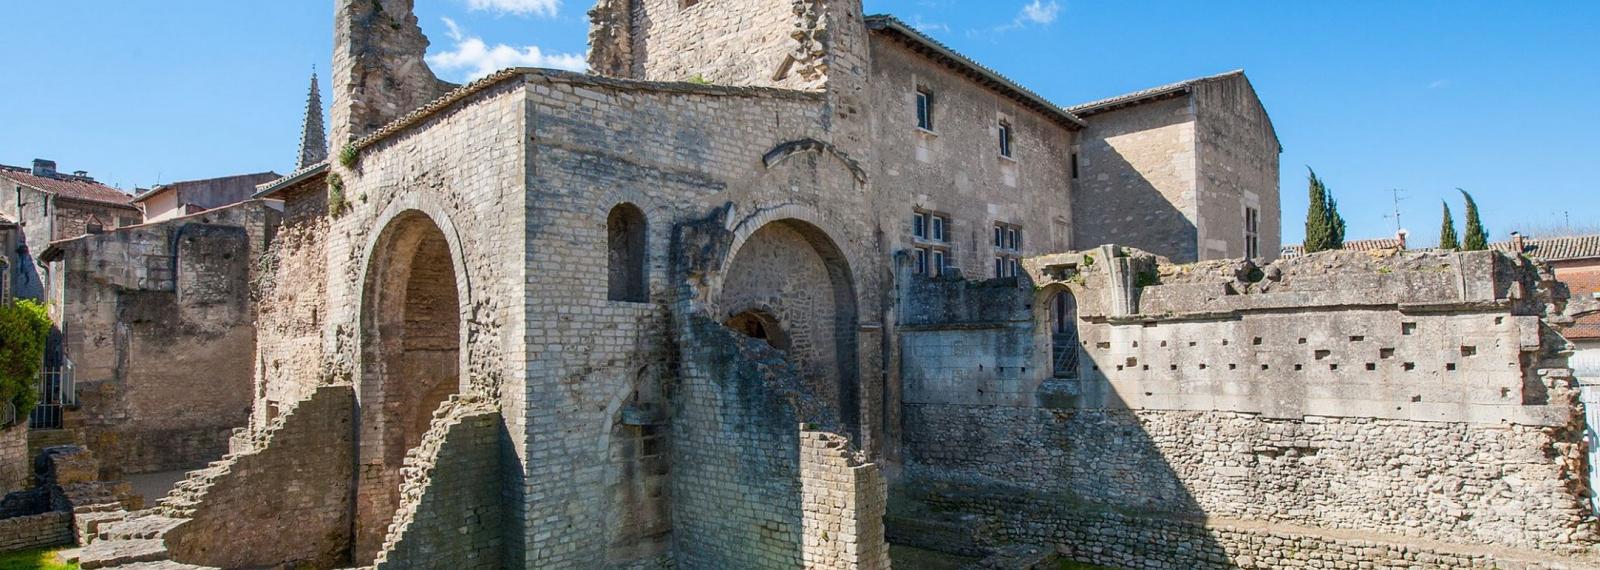 Centre d'Archéologie Antique - Hôtel de Sade